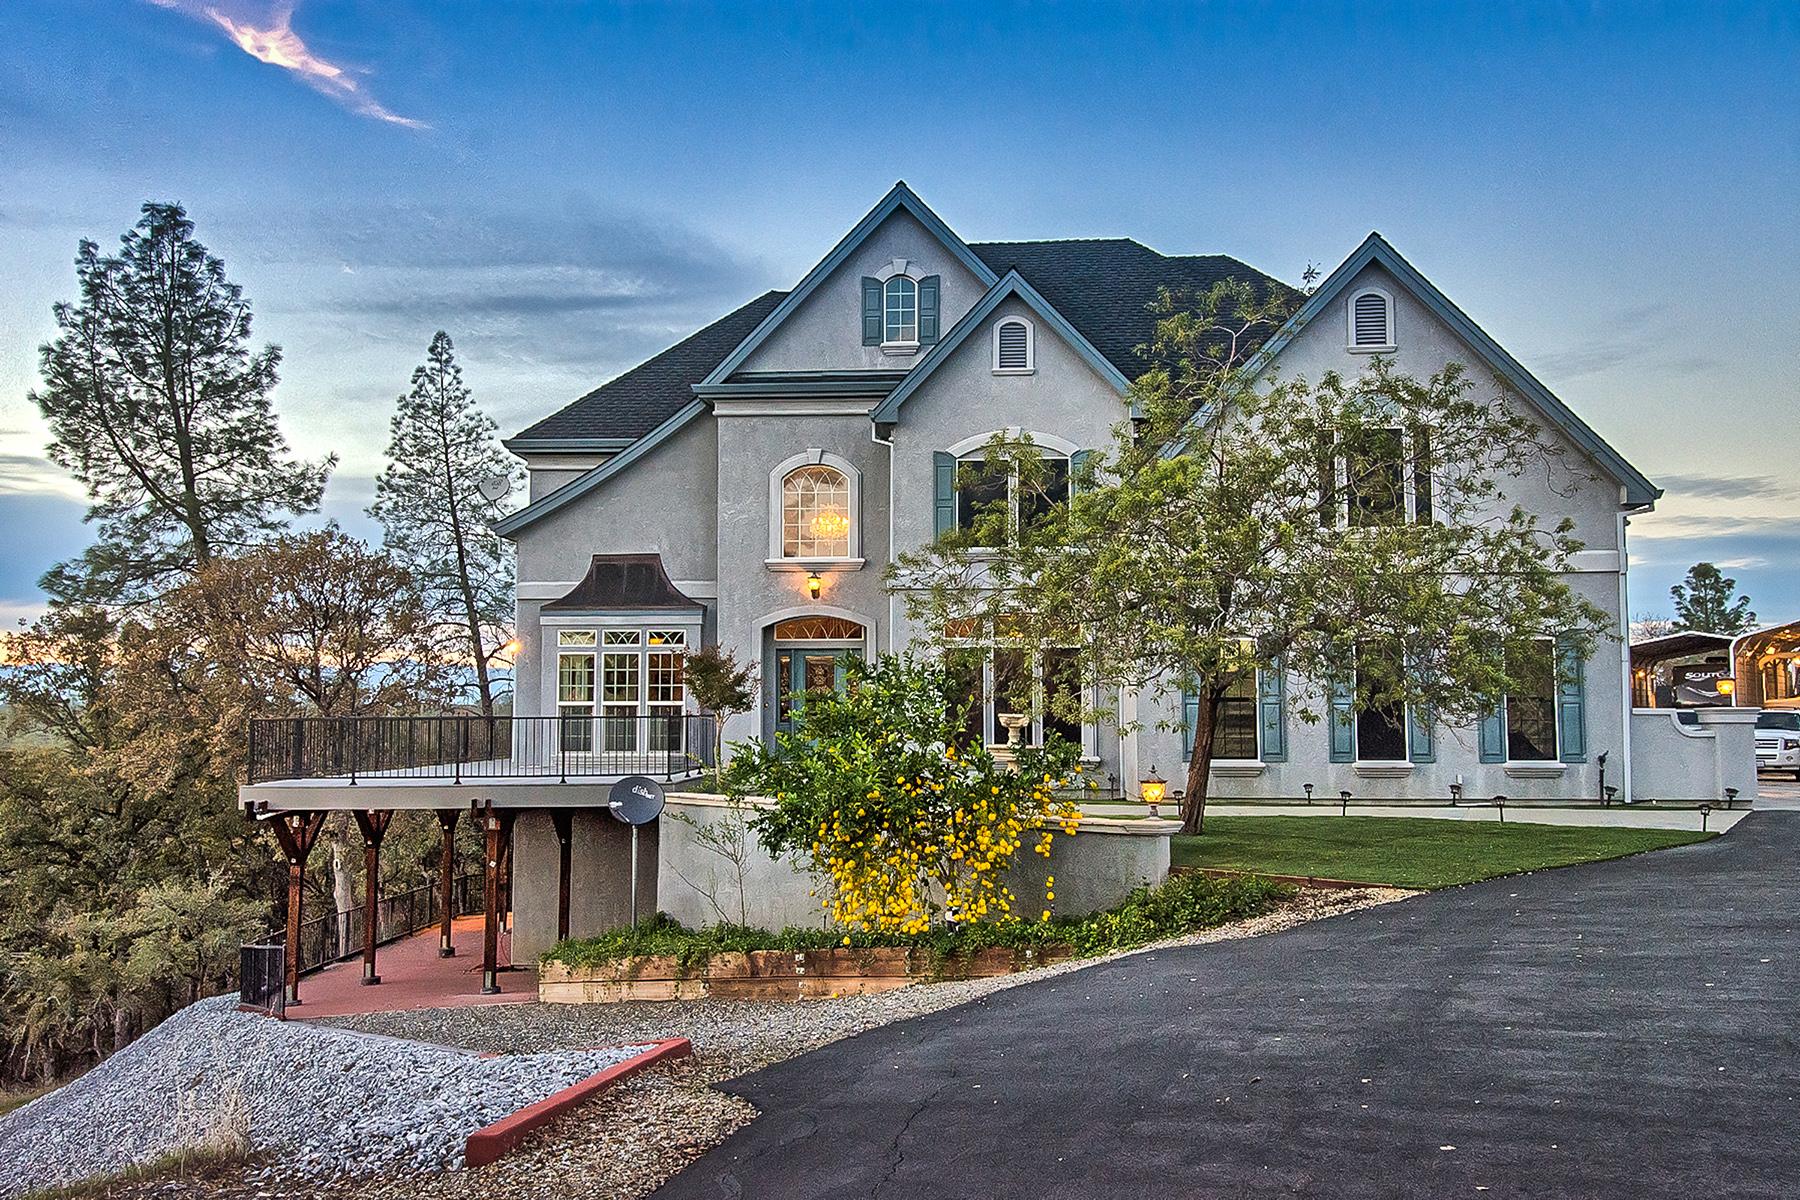 Частный односемейный дом для того Продажа на Elegance and Inspiring Views in Quail Ridge Ranch 17465 Quail Ridge RD Cottonwood, Калифорния 96022 Соединенные Штаты